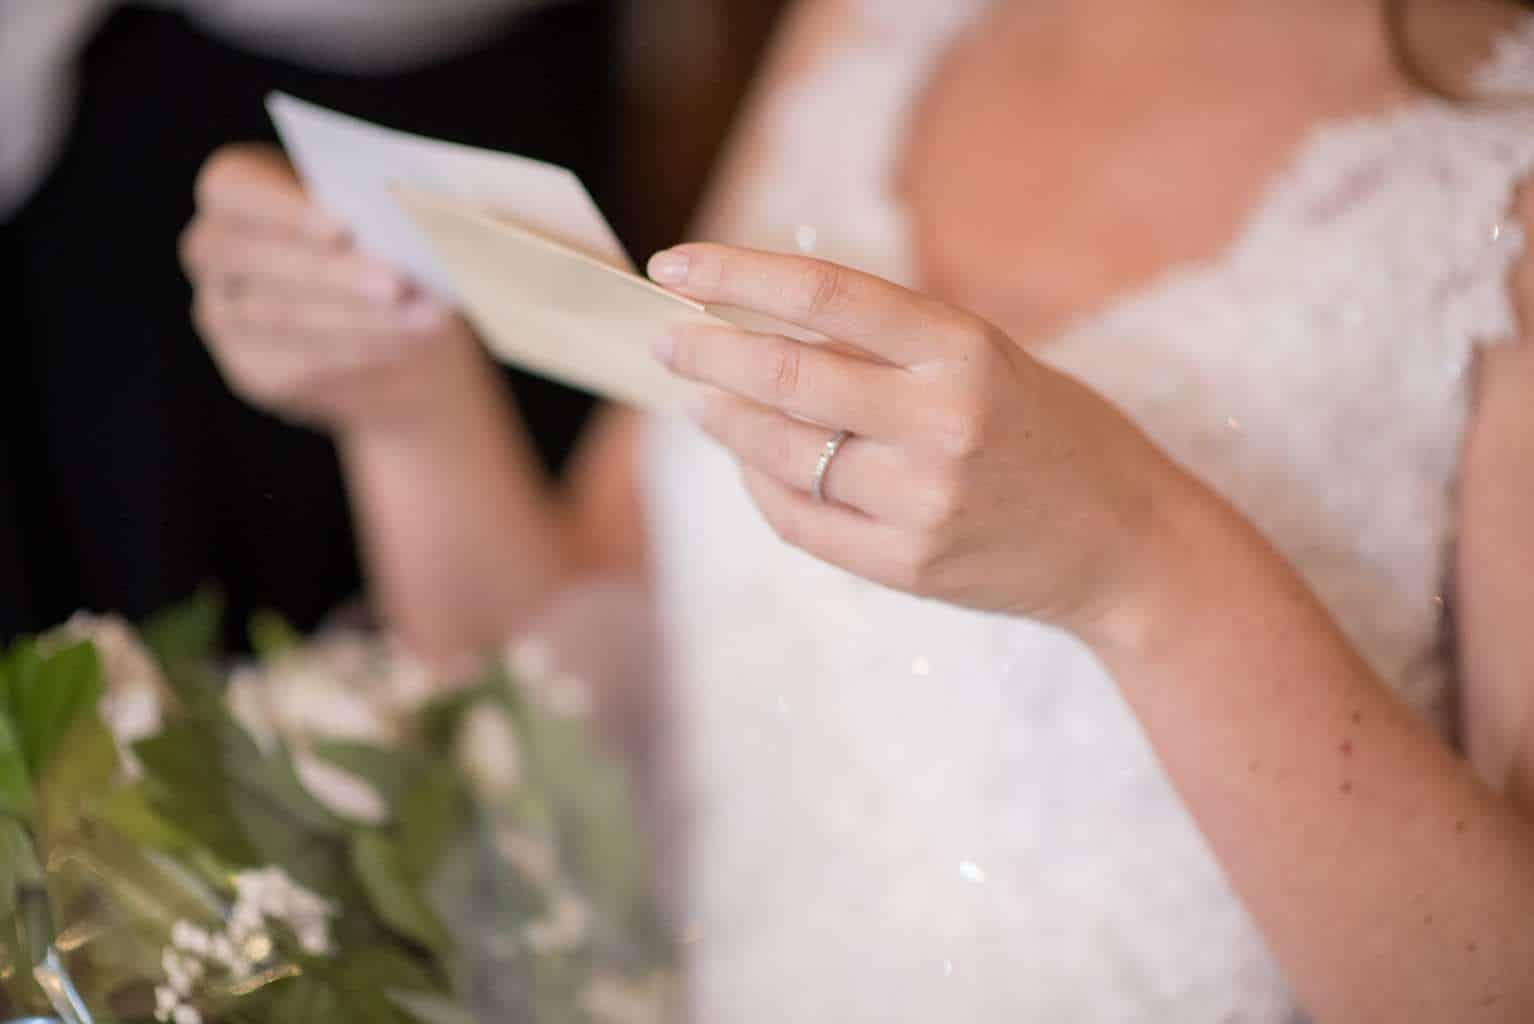 casamento-de-dia-casamento-Nicole-e-Thales-casamento-no-jardim-csasamento-ao-ar-livre-Fotografia-Marina-Fava-Galeria-Jardim-Rio-de-Janeiro-19